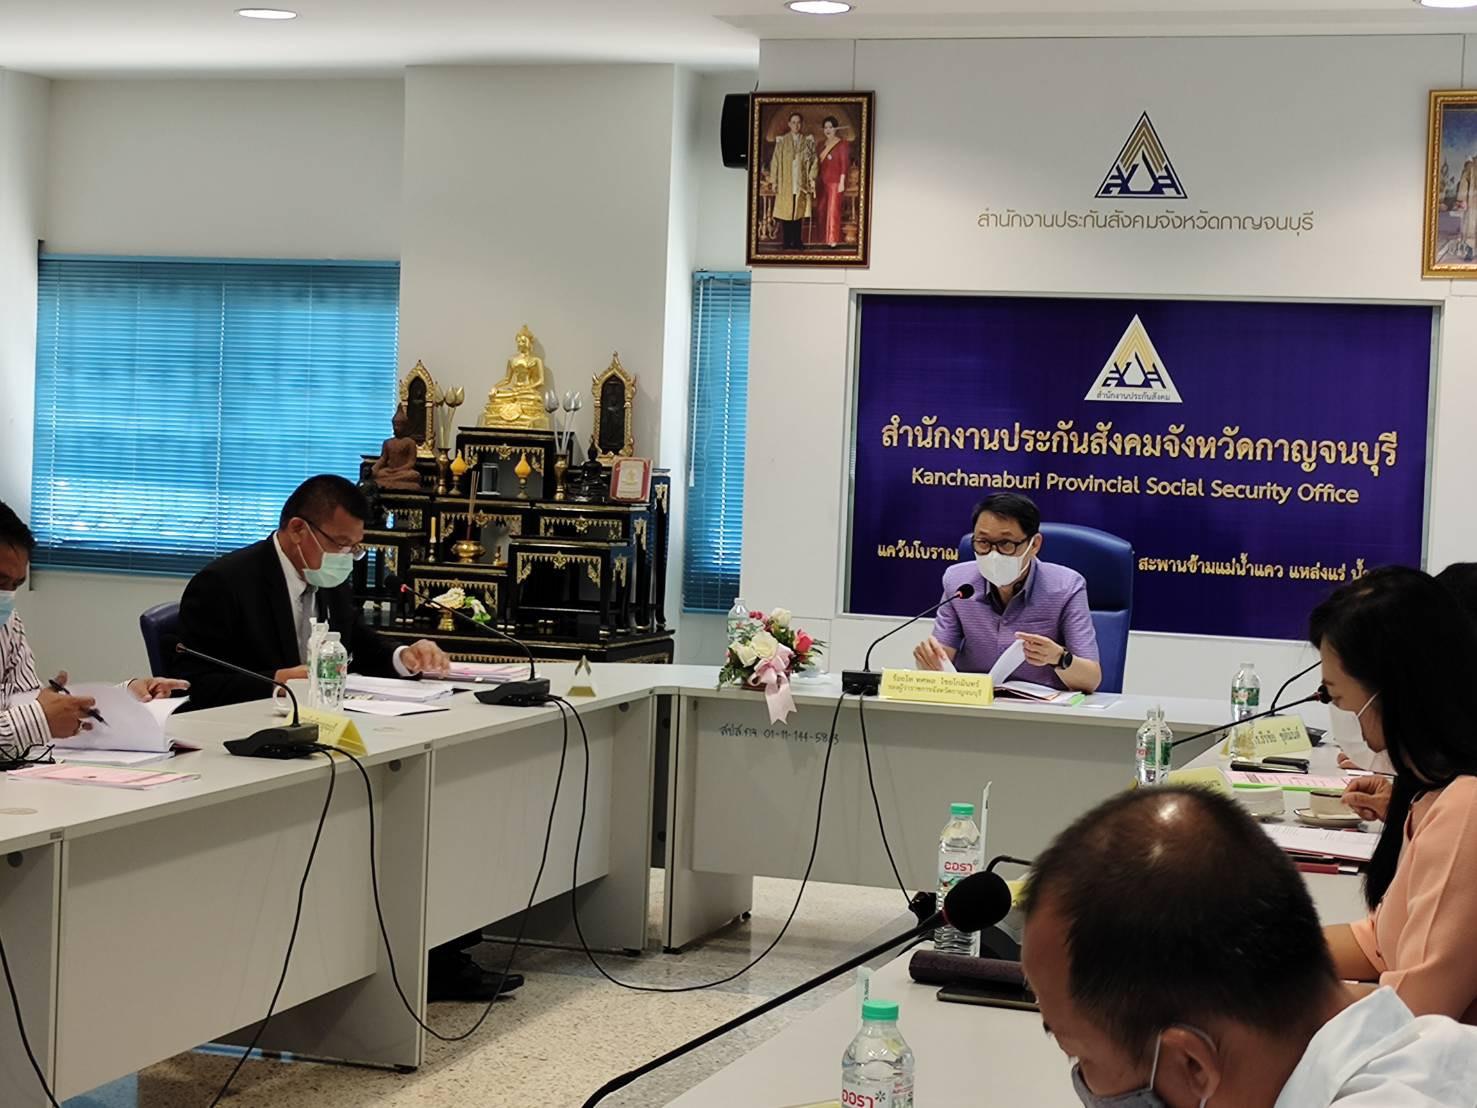 ประชุมคณะอนุกรรมการประกันสังคมจังหวัดกาญจนบุรี ครั้งที่ 3/2564